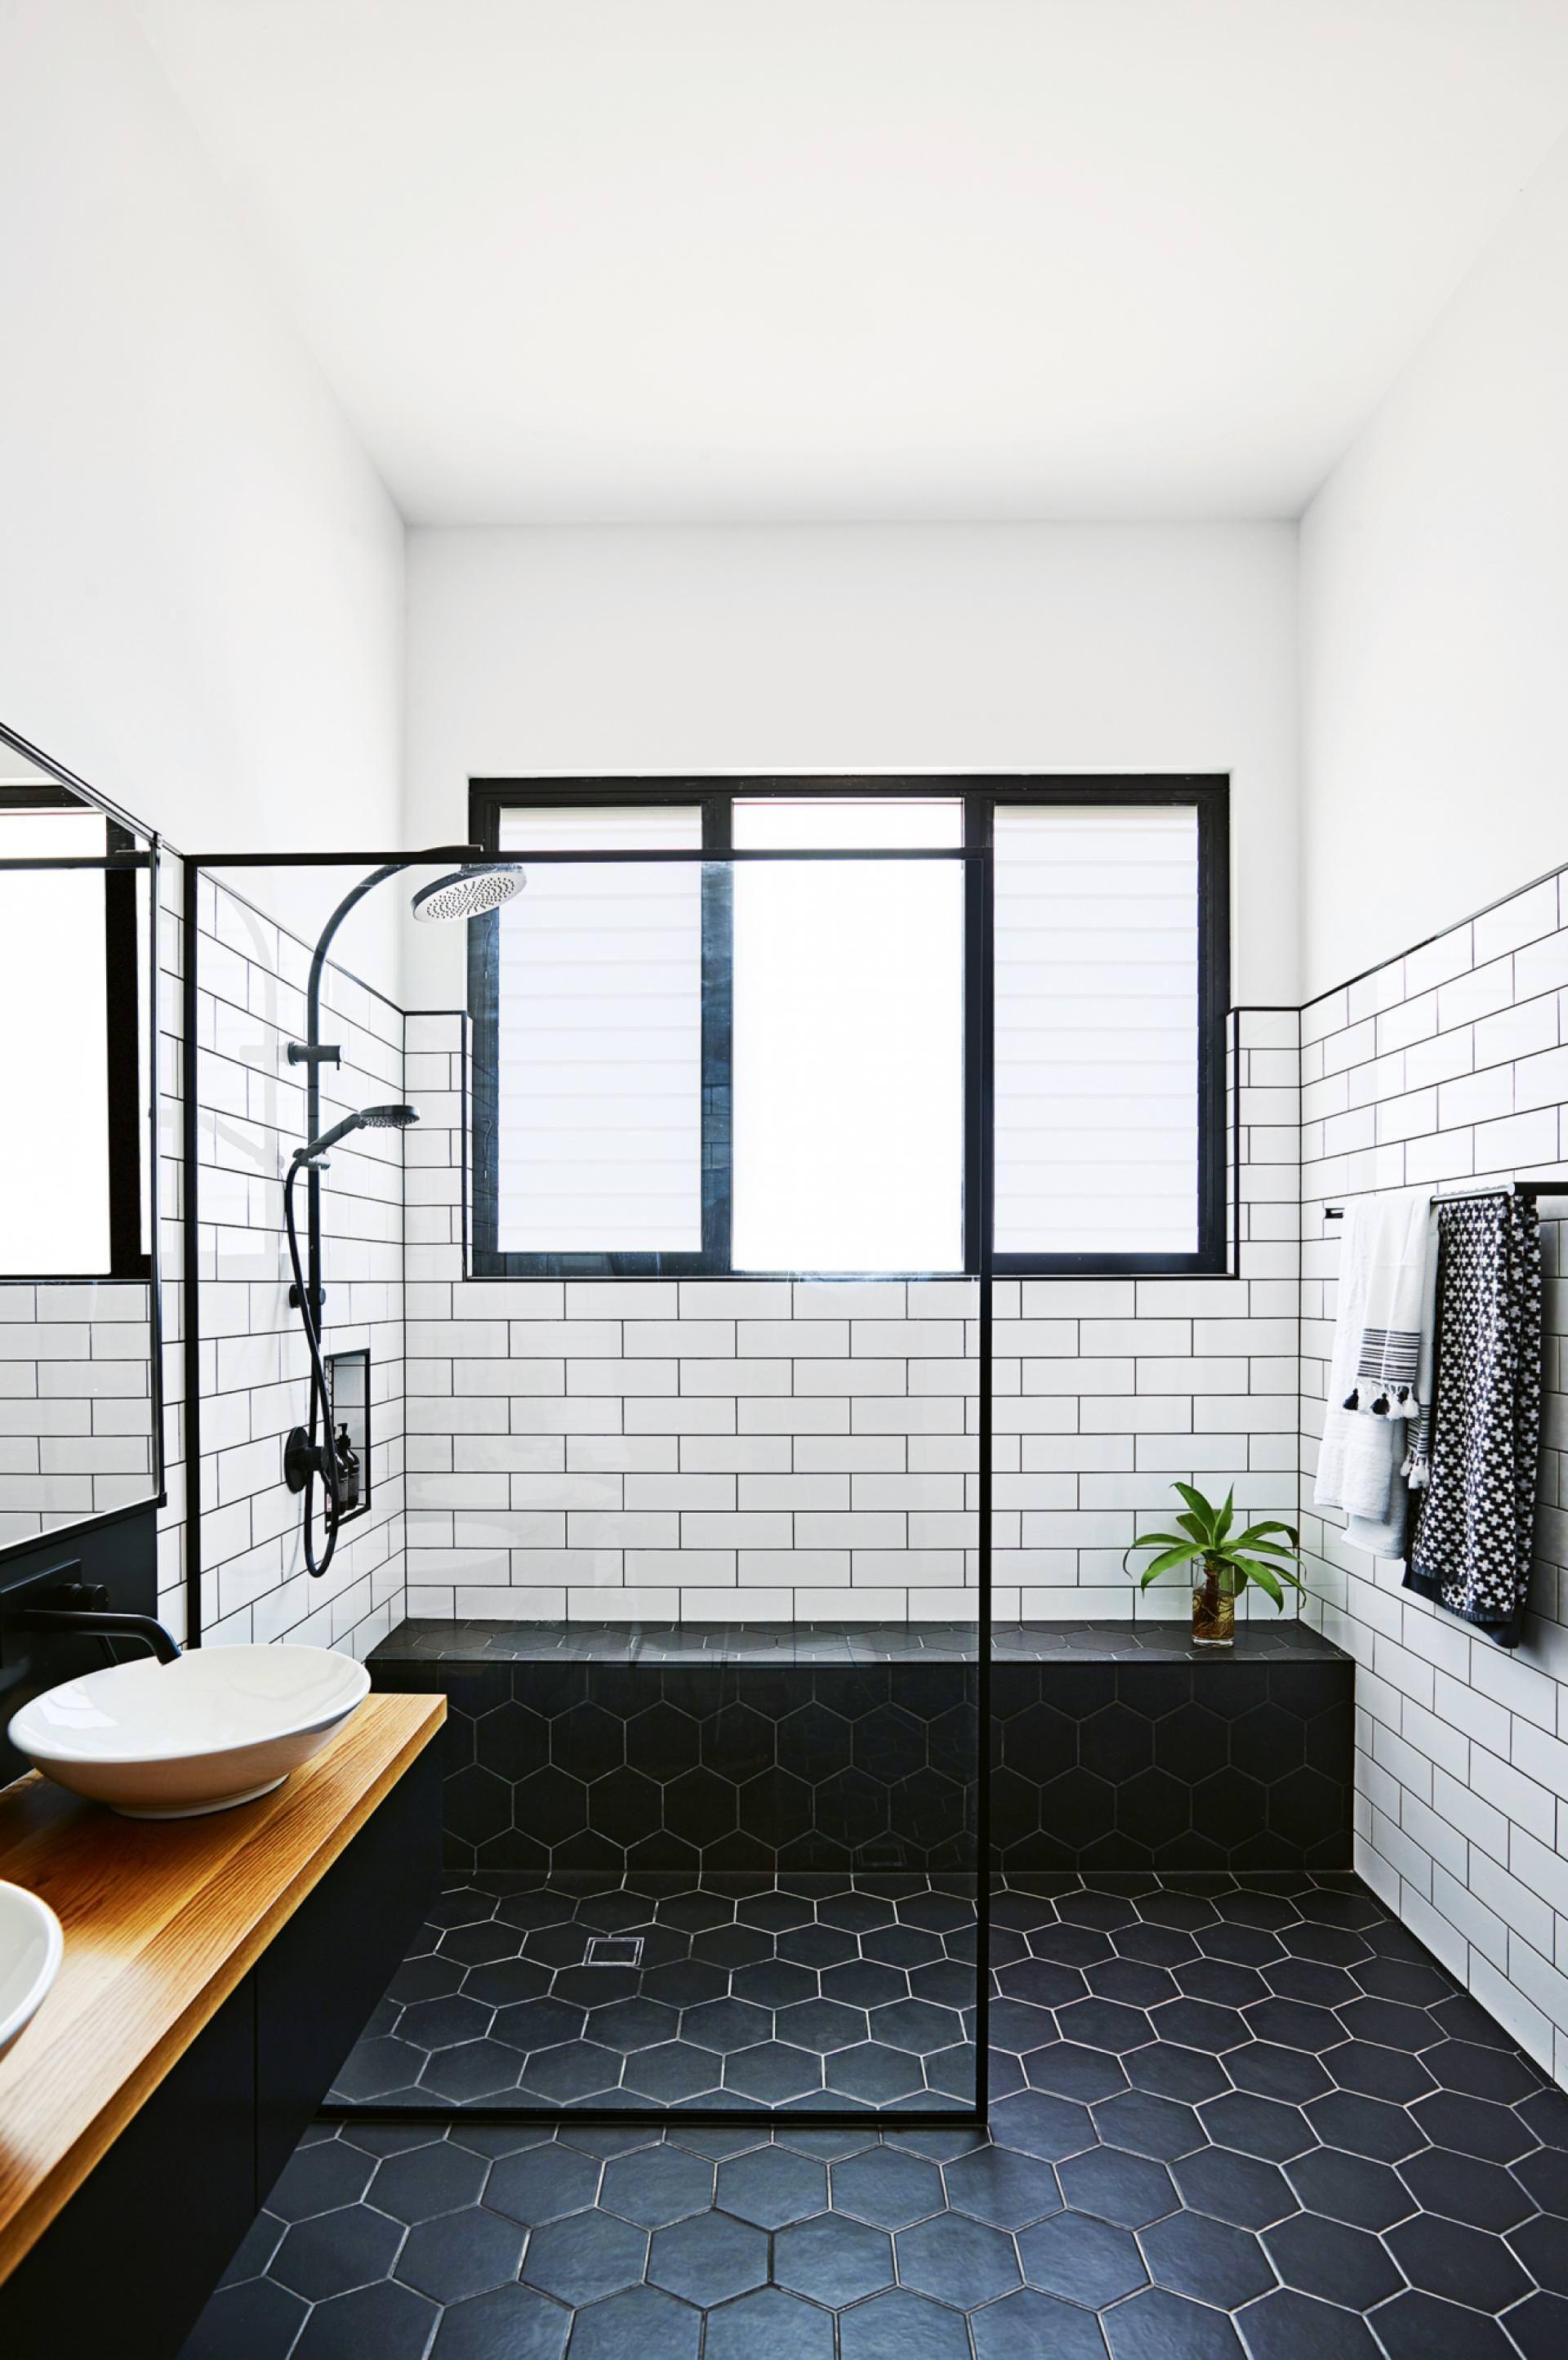 Design Trends For The Bathroom Pinterest Design Trends - Bathroom remodel trends 2018